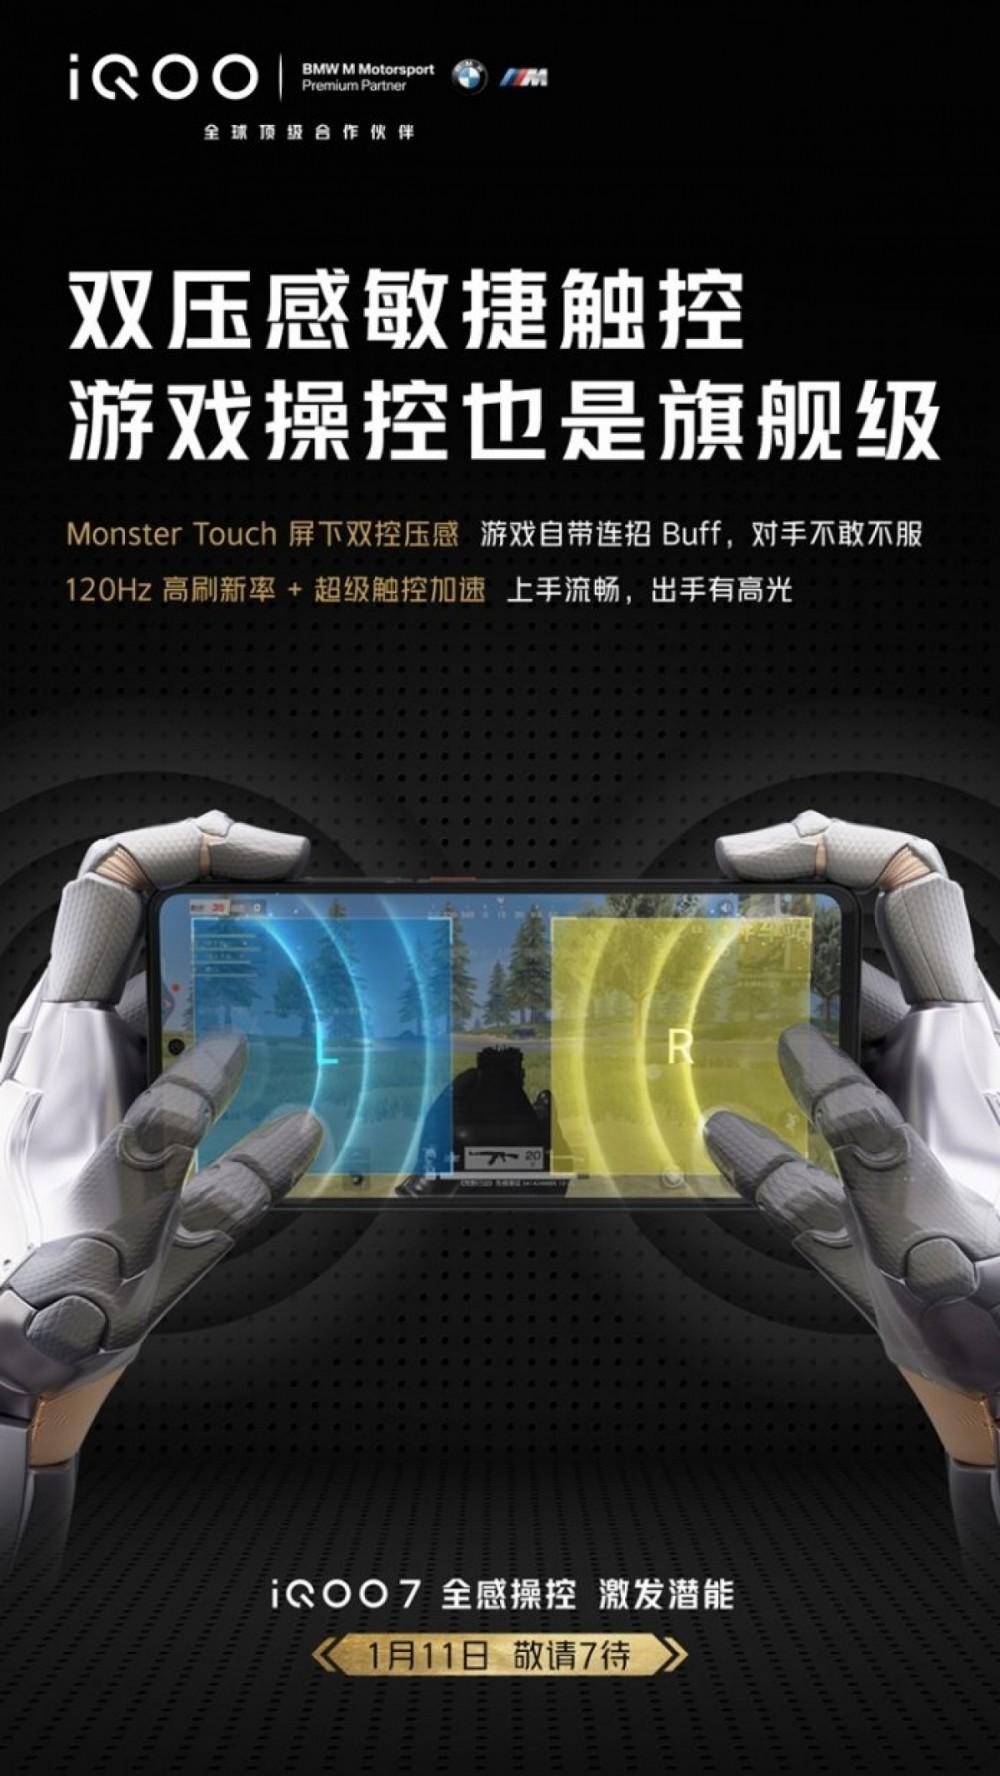 vivo iQOO 7 will come with a pressure-sensitive screen, 120 Hz refresh rate